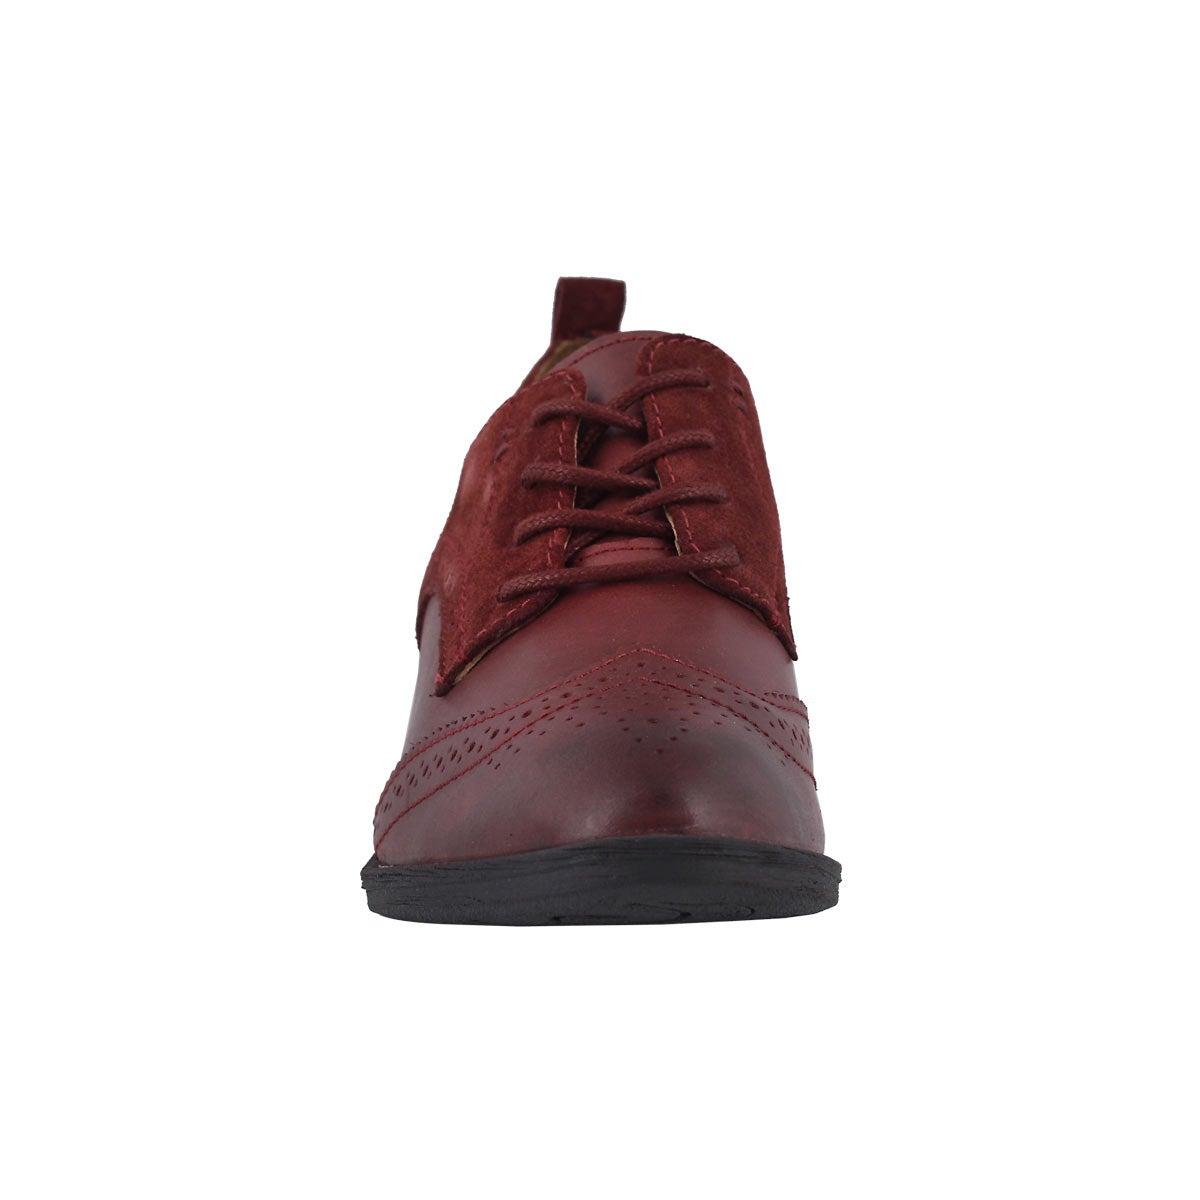 Lds Daphne 23 hibiscus casual heel